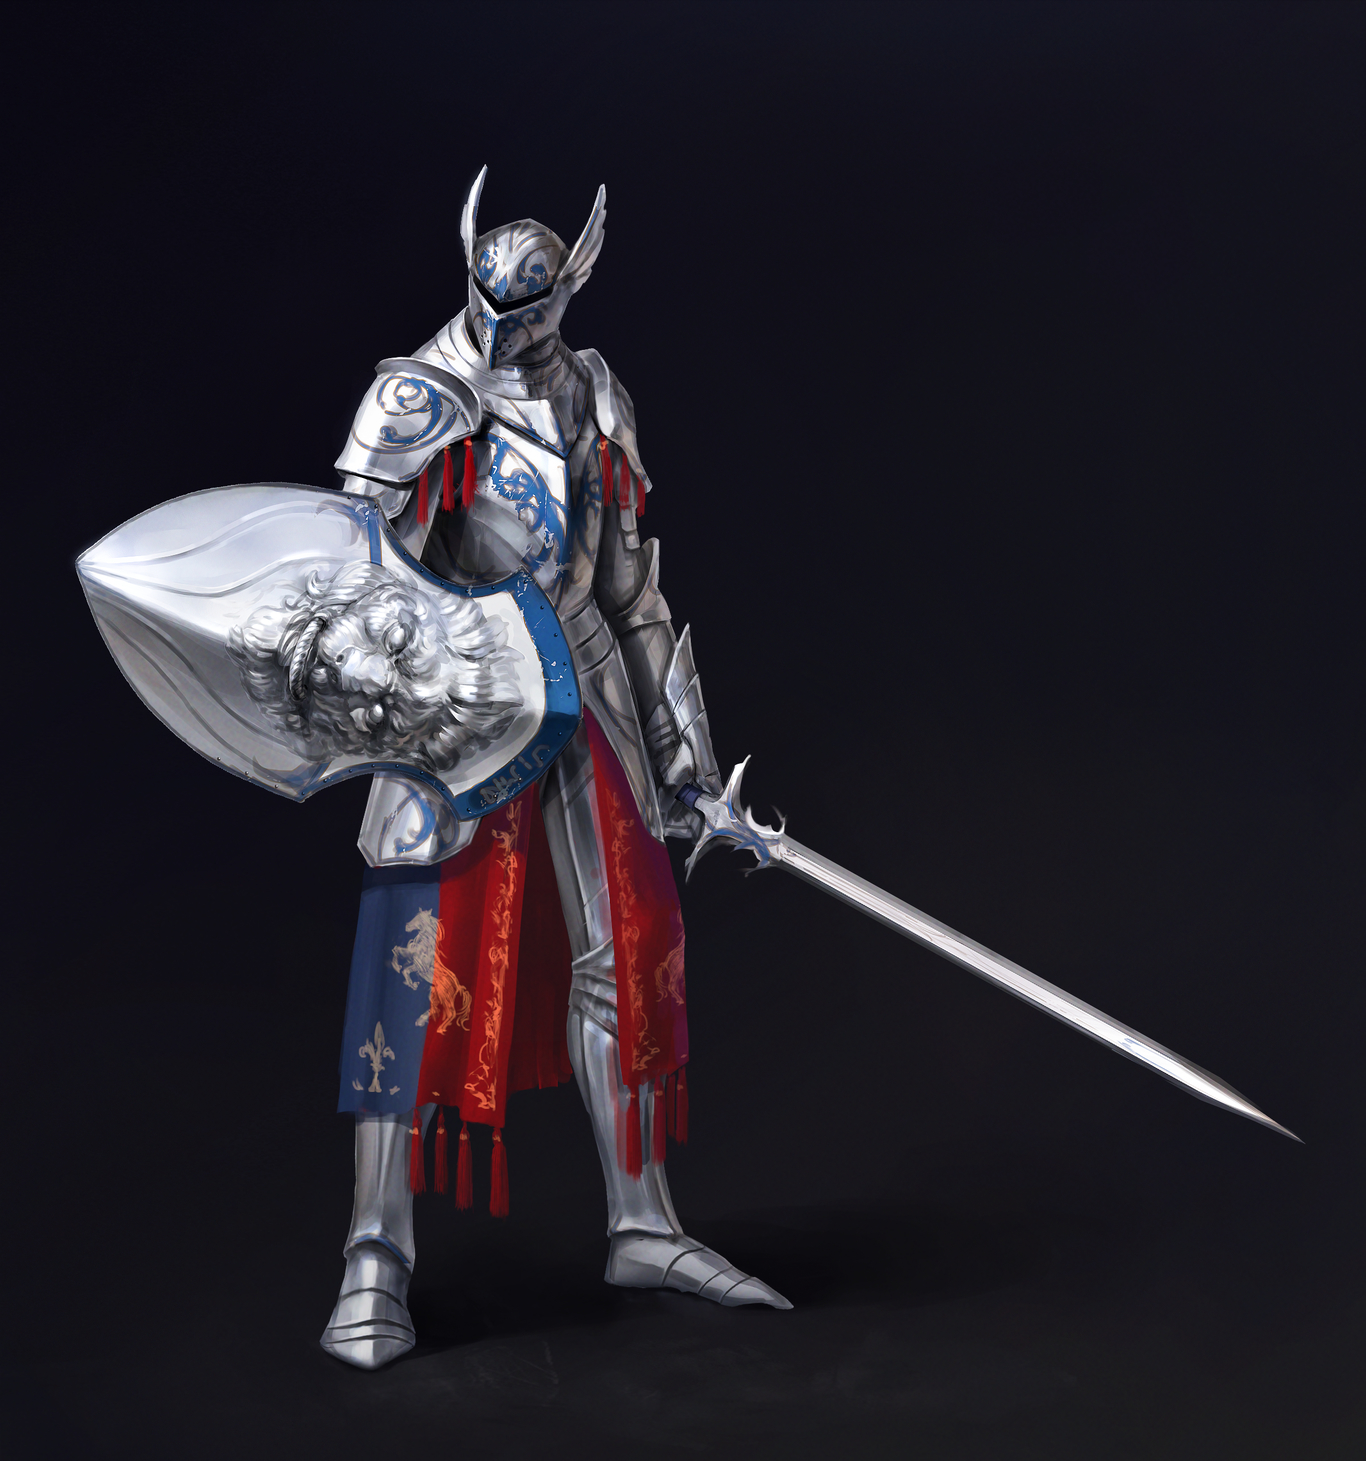 Peachynanako knight 1 c6cb7052 i9c8